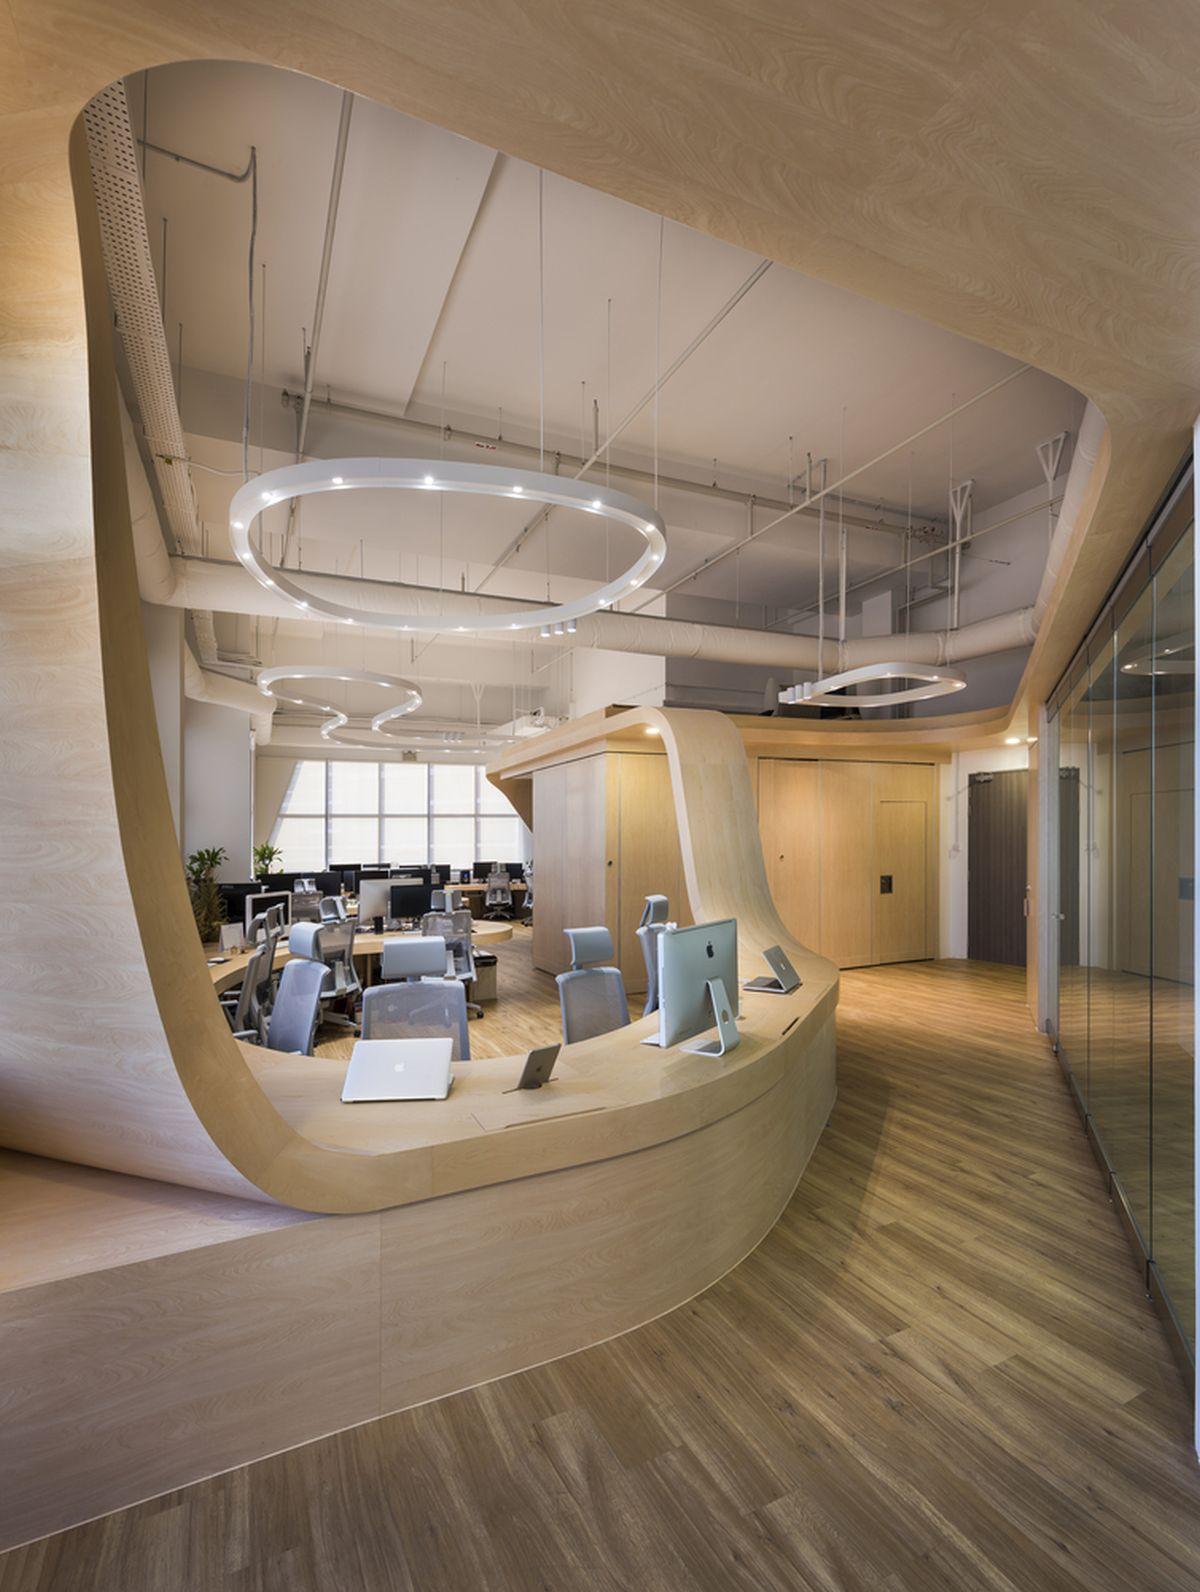 Mẫu thiết kế văn phòng làm việc hiện đại và thân thiện với nội thất gỗ